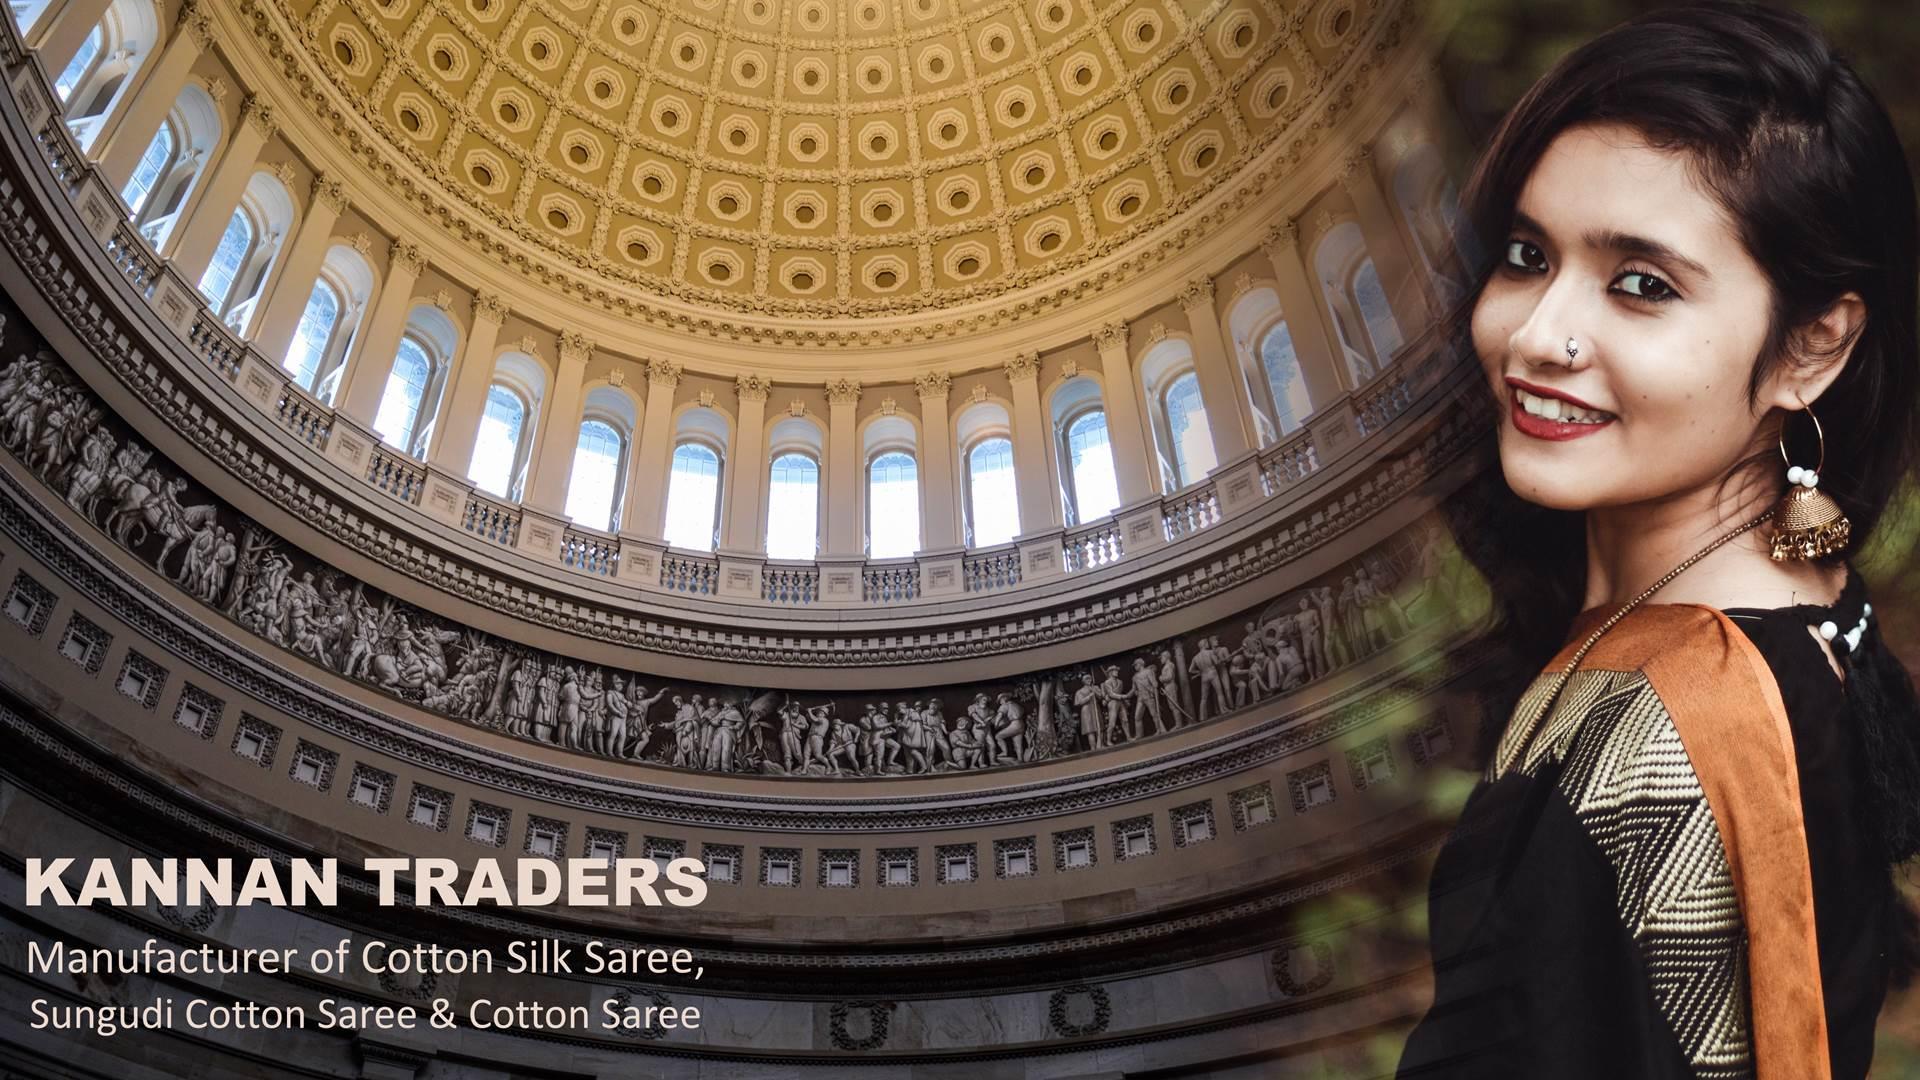 Kannan Traders